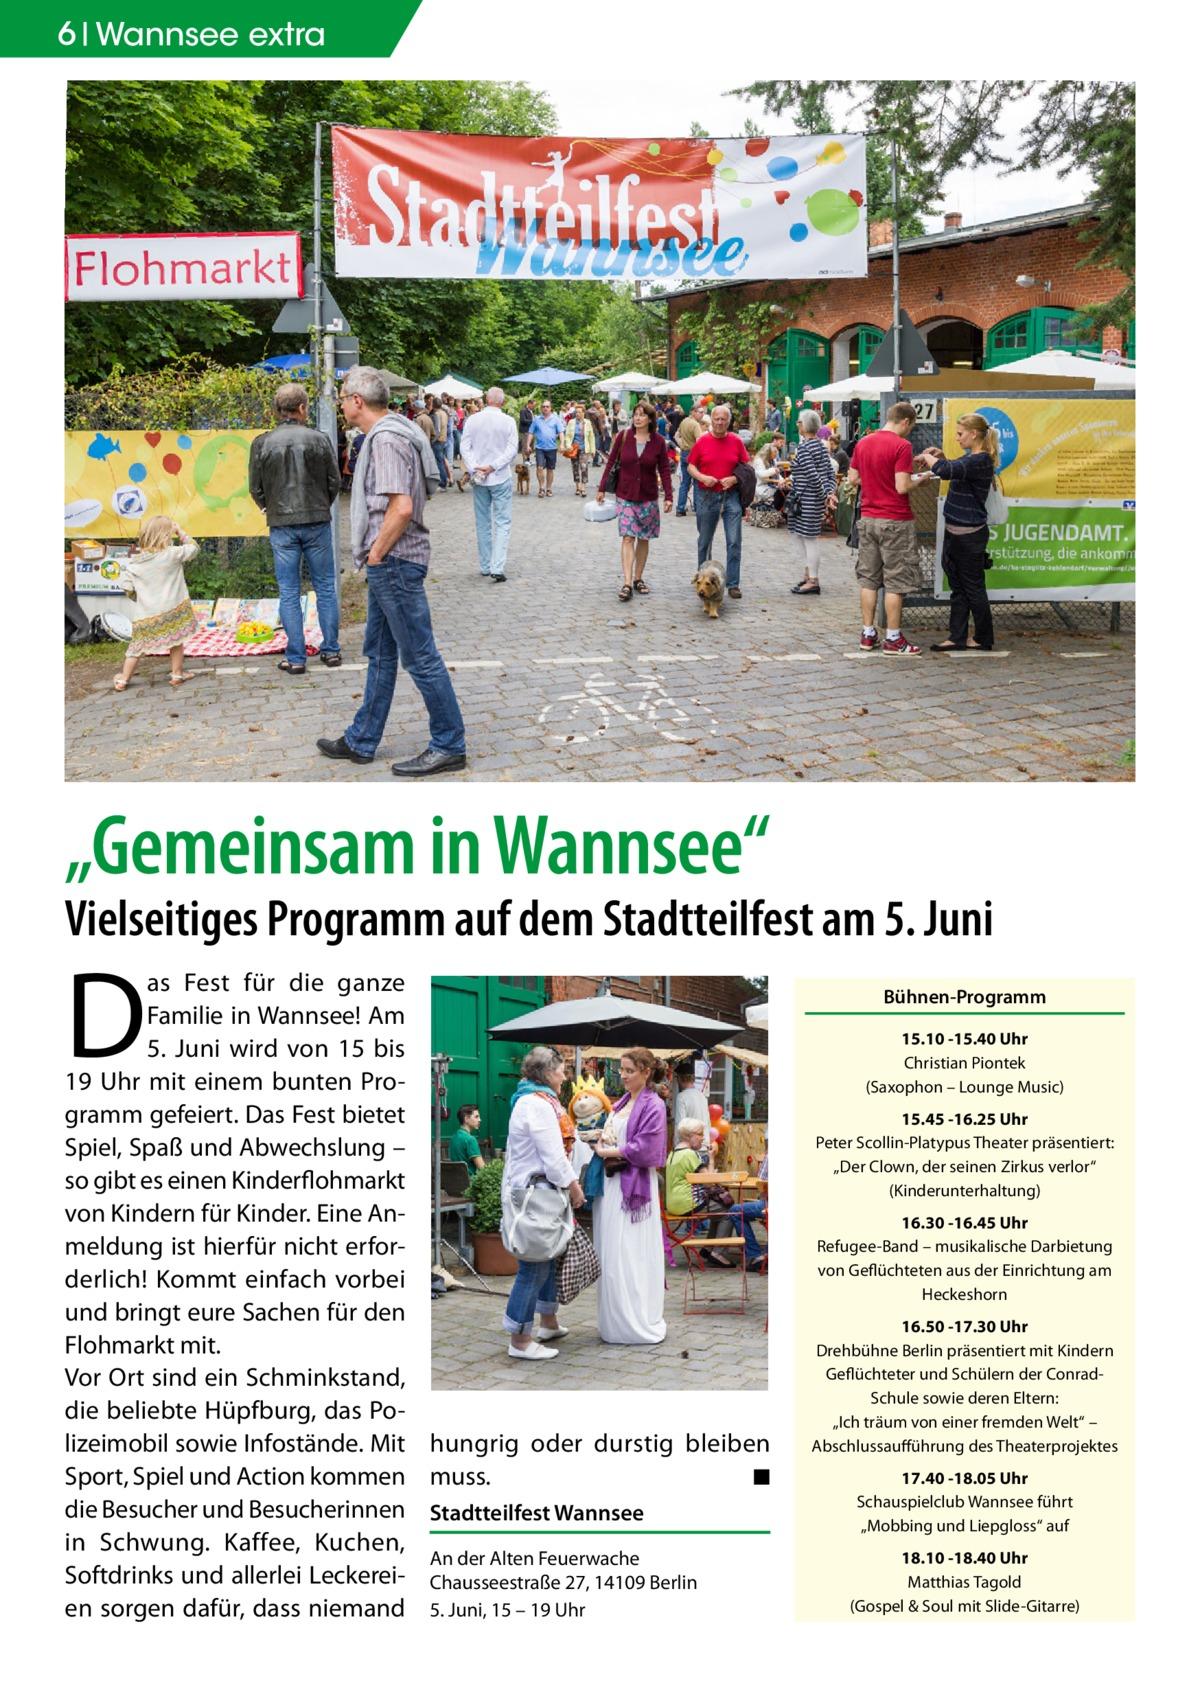 """6 Wannsee extra  """"Gemeinsam in Wannsee""""  Vielseitiges Programm auf dem Stadtteilfest am 5. Juni  D  as Fest für die ganze Familie in Wannsee! Am 5. Juni wird von 15 bis 19 Uhr mit einem bunten Programm gefeiert. Das Fest bietet Spiel, Spaß und Abwechslung – so gibt es einen Kinderflohmarkt von Kindern für Kinder. Eine Anmeldung ist hierfür nicht erforderlich! Kommt einfach vorbei und bringt eure Sachen für den Flohmarkt mit. Vor Ort sind ein Schminkstand, die beliebte Hüpfburg, das Polizeimobil sowie Infostände. Mit hungrig oder durstig bleiben Sport, Spiel und Action kommen muss. � ◾ die Besucher und Besucherinnen Stadtteilfest Wannsee in Schwung. Kaffee, Kuchen, An der Alten Feuerwache Softdrinks und allerlei Leckerei- Chausseestraße27, 14109Berlin en sorgen dafür, dass niemand 5.Juni, 15 – 19Uhr  Bühnen-Programm 15.10 -15.40Uhr Christian Piontek (Saxophon – Lounge Music) 15.45 -16.25Uhr Peter Scollin-Platypus Theater präsentiert: """"Der Clown, der seinen Zirkus verlor"""" (Kinderunterhaltung) 16.30 -16.45Uhr Refugee-Band – musikalische Darbietung von Geflüchteten aus der Einrichtung am Heckeshorn 16.50 -17.30Uhr Drehbühne Berlin präsentiert mit Kindern Geflüchteter und Schülern der ConradSchule sowie deren Eltern: """"Ich träum von einer fremden Welt"""" – Abschlussaufführung des Theaterprojektes 17.40 -18.05Uhr Schauspielclub Wannsee führt """"Mobbing und Liepgloss"""" auf 18.10 -18.40Uhr Matthias Tagold (Gospel & Soul mit Slide-Gitarre)"""